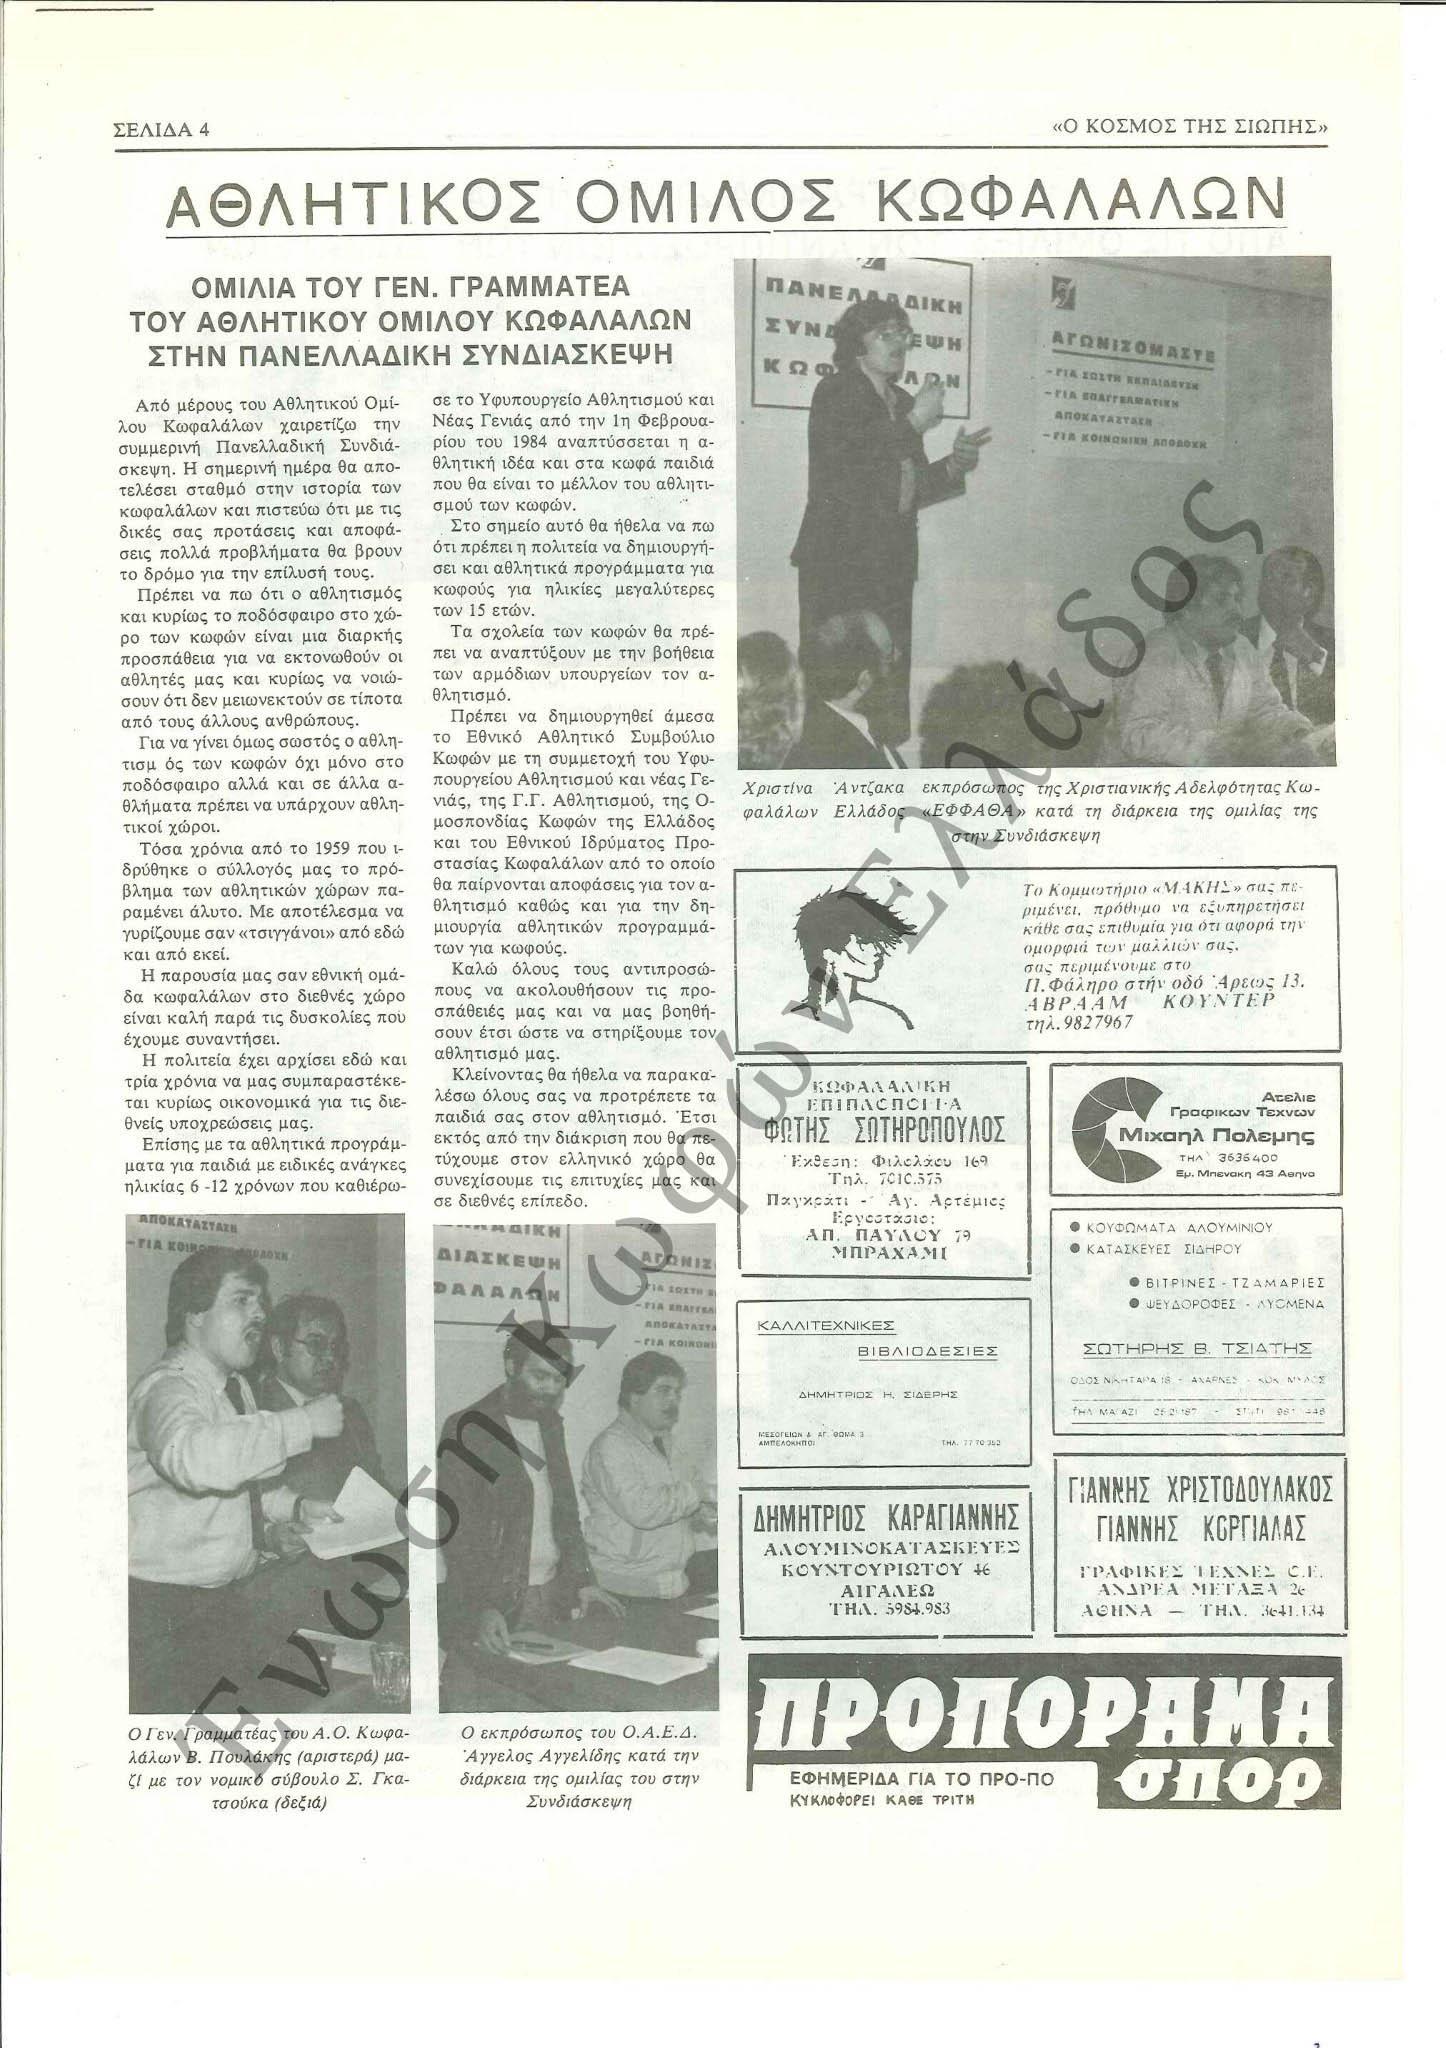 Ο Κόσμος της Σιωπής 1984-Απρίλιος 4